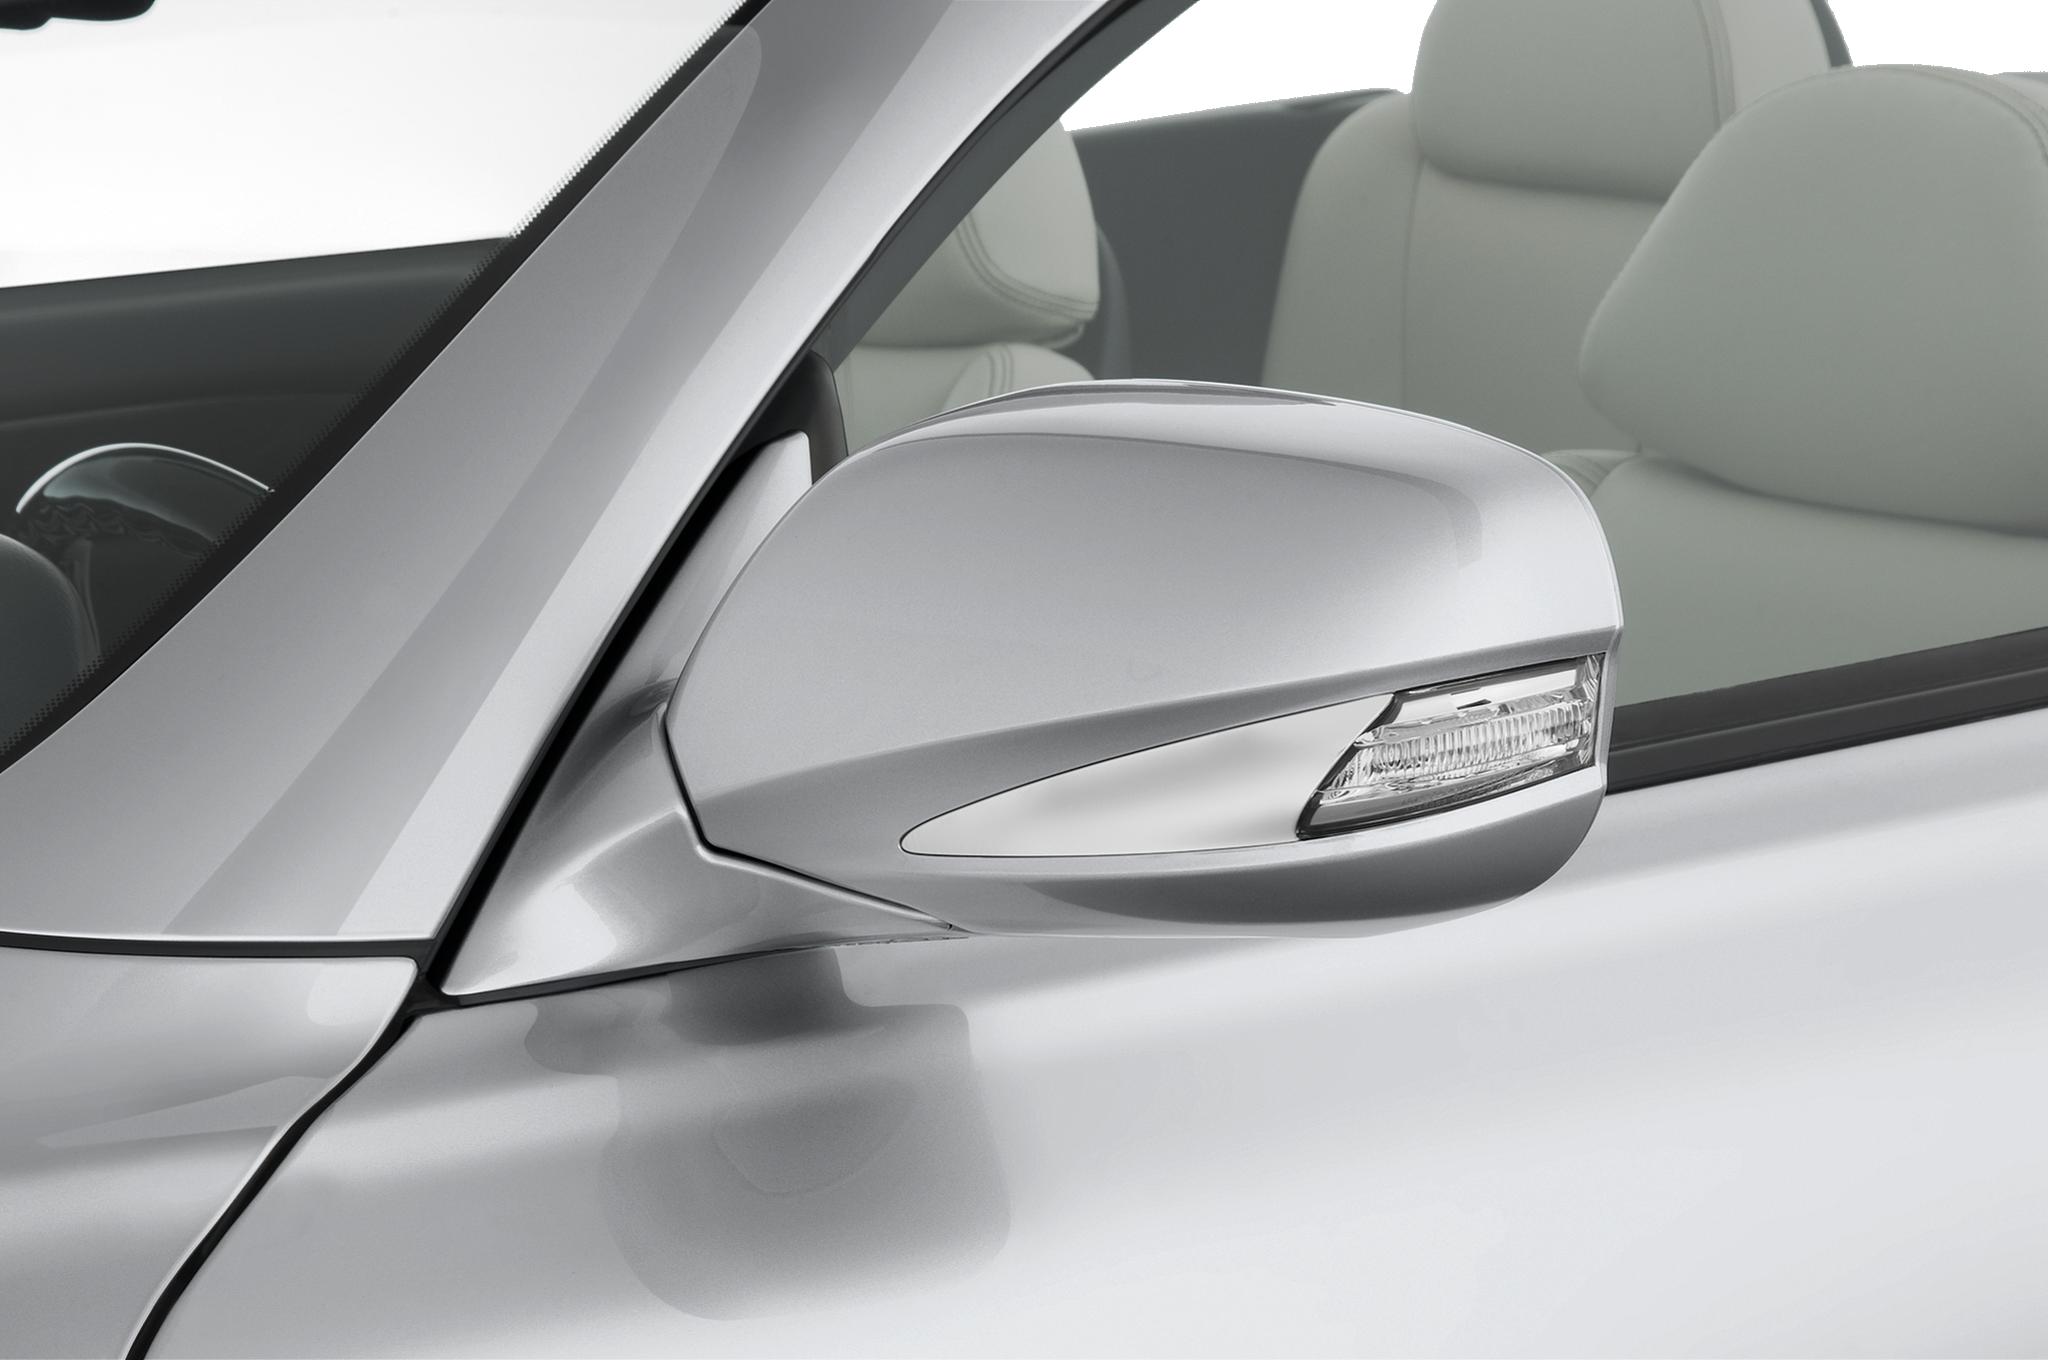 http://st.automobilemag.com/uploads/sites/10/2015/11/2010-lexus-sc-430-convertible-mirror.png